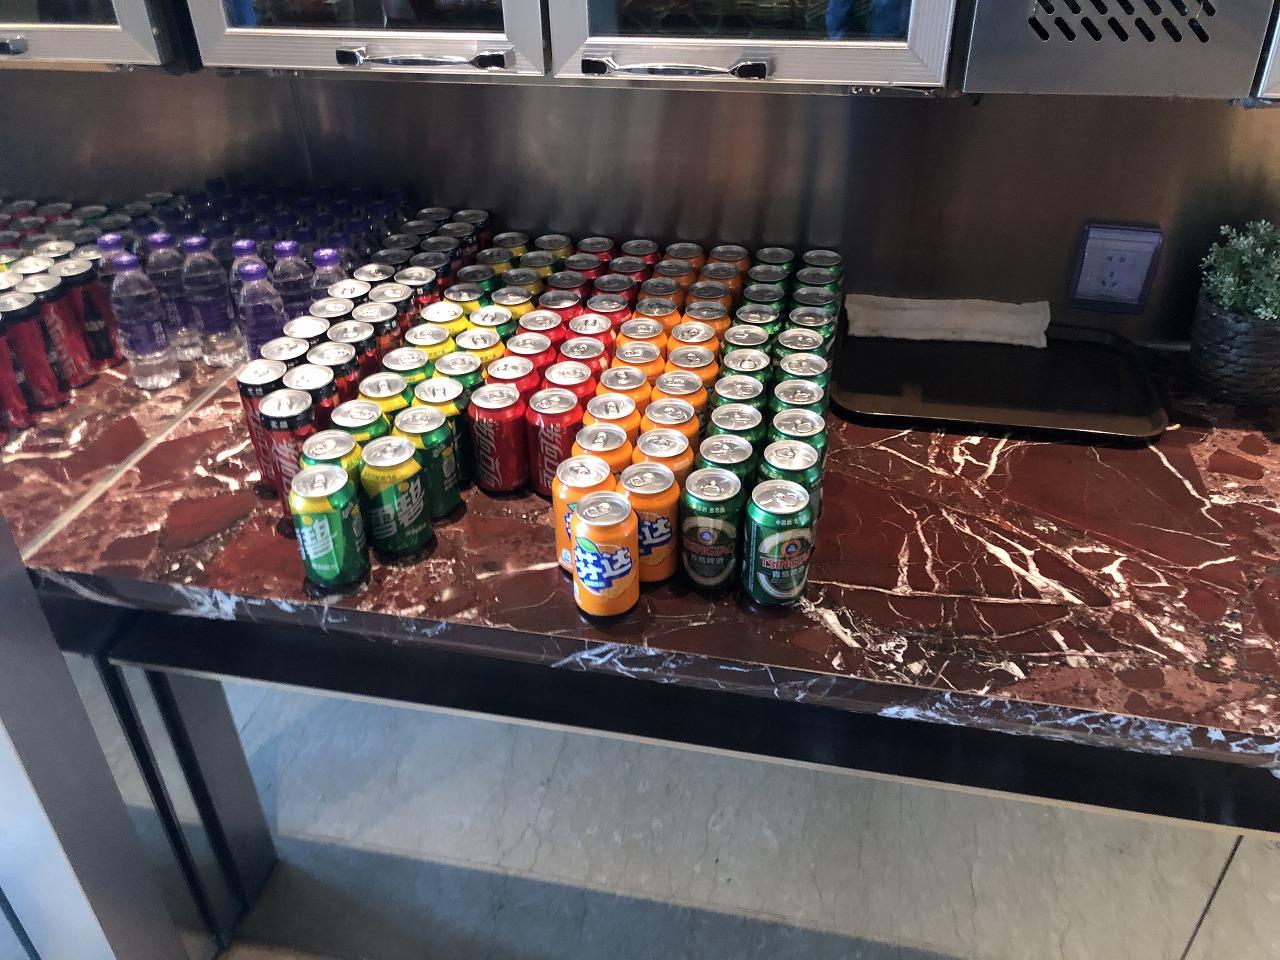 上海浦東空港ターミナル1国内線でプライオリティ・パスが使えるラウンジ 飲み物